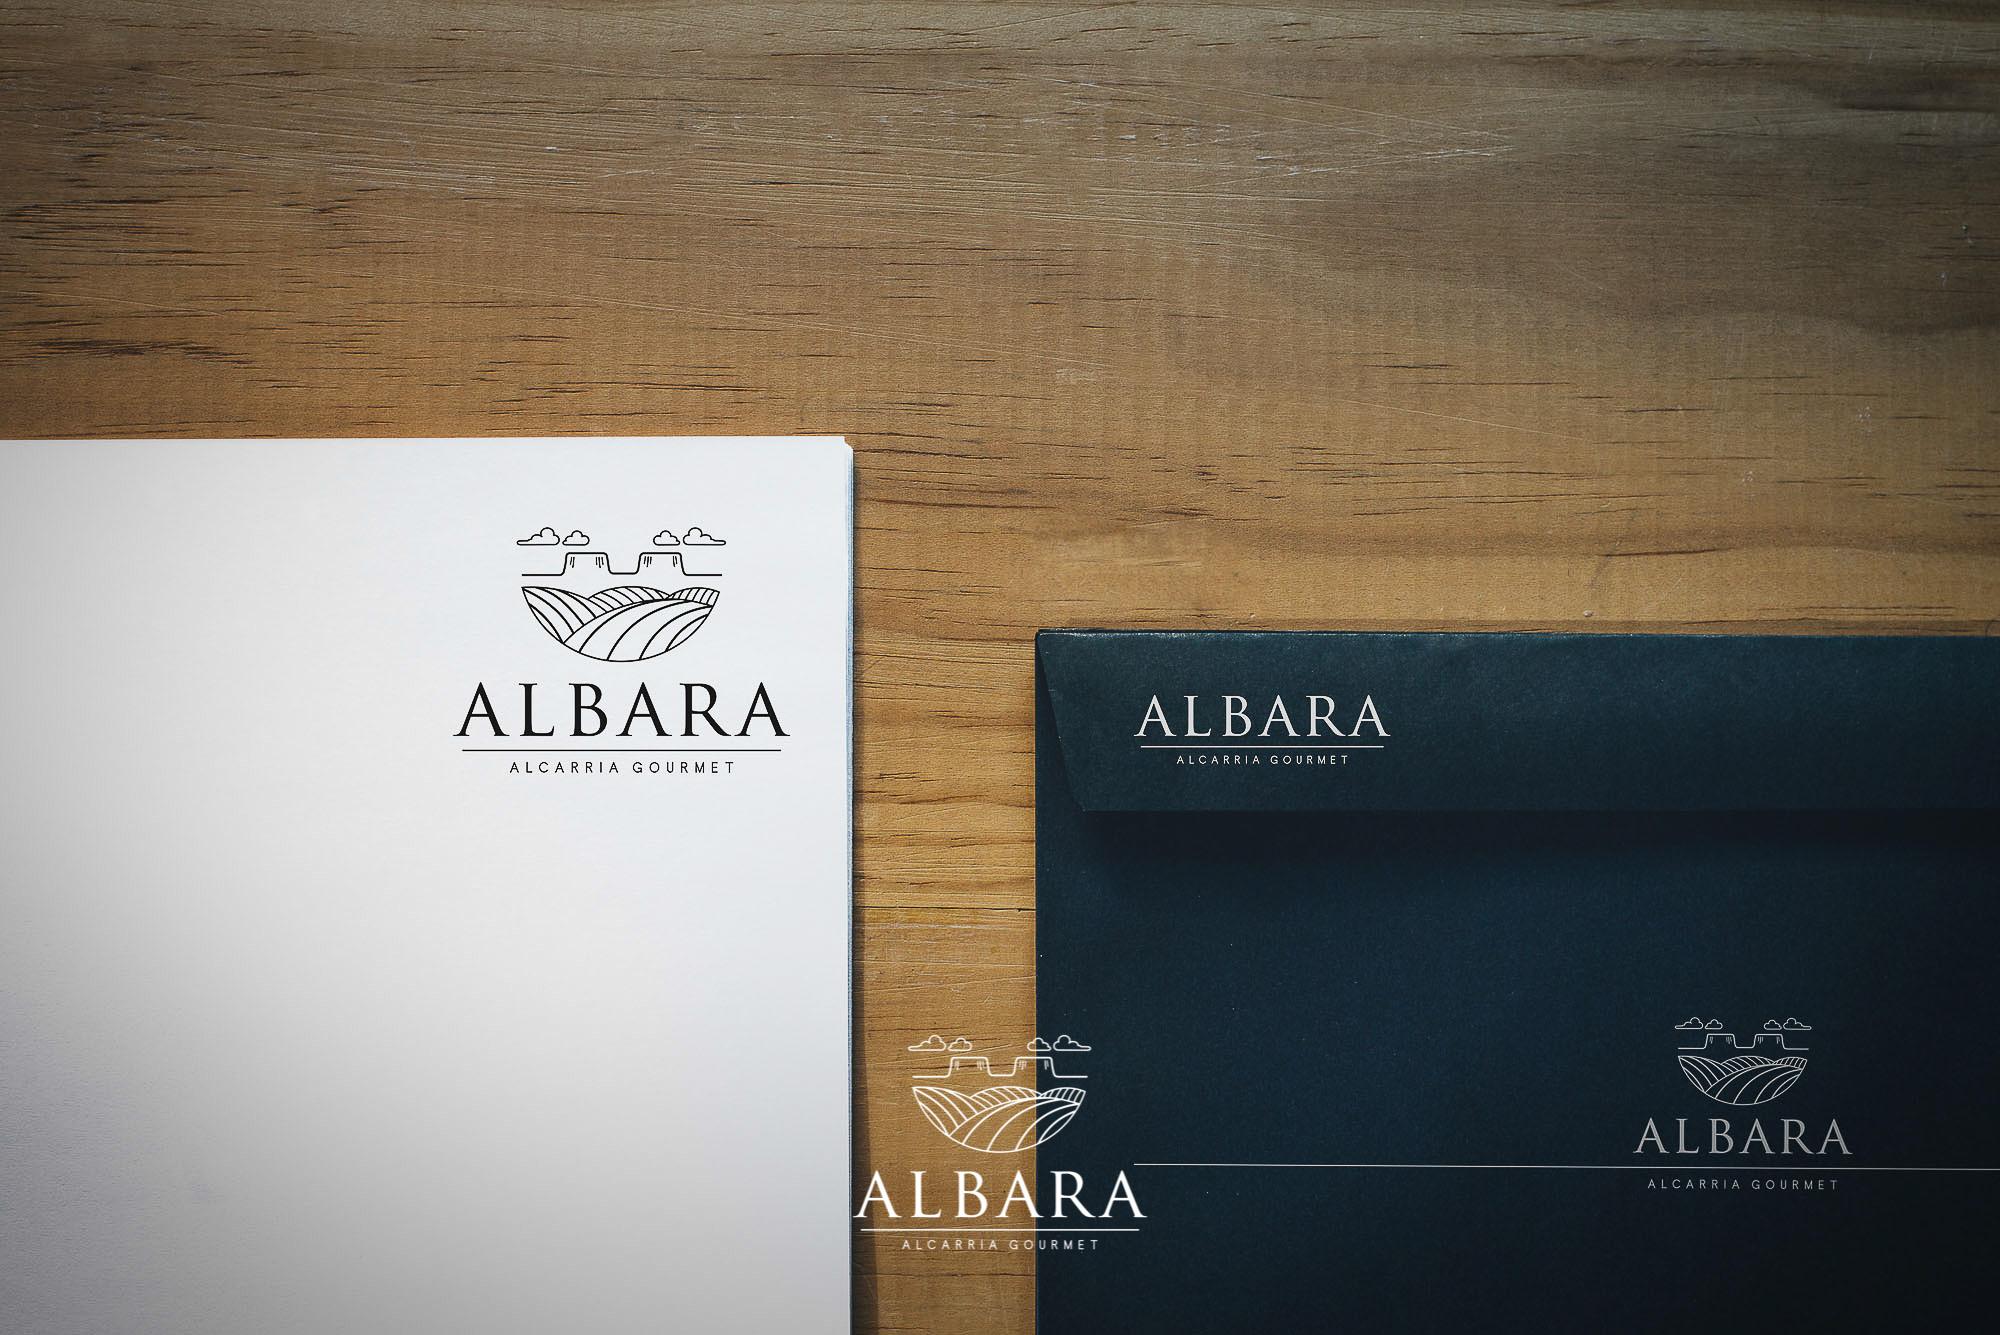 albara_43_1jpg